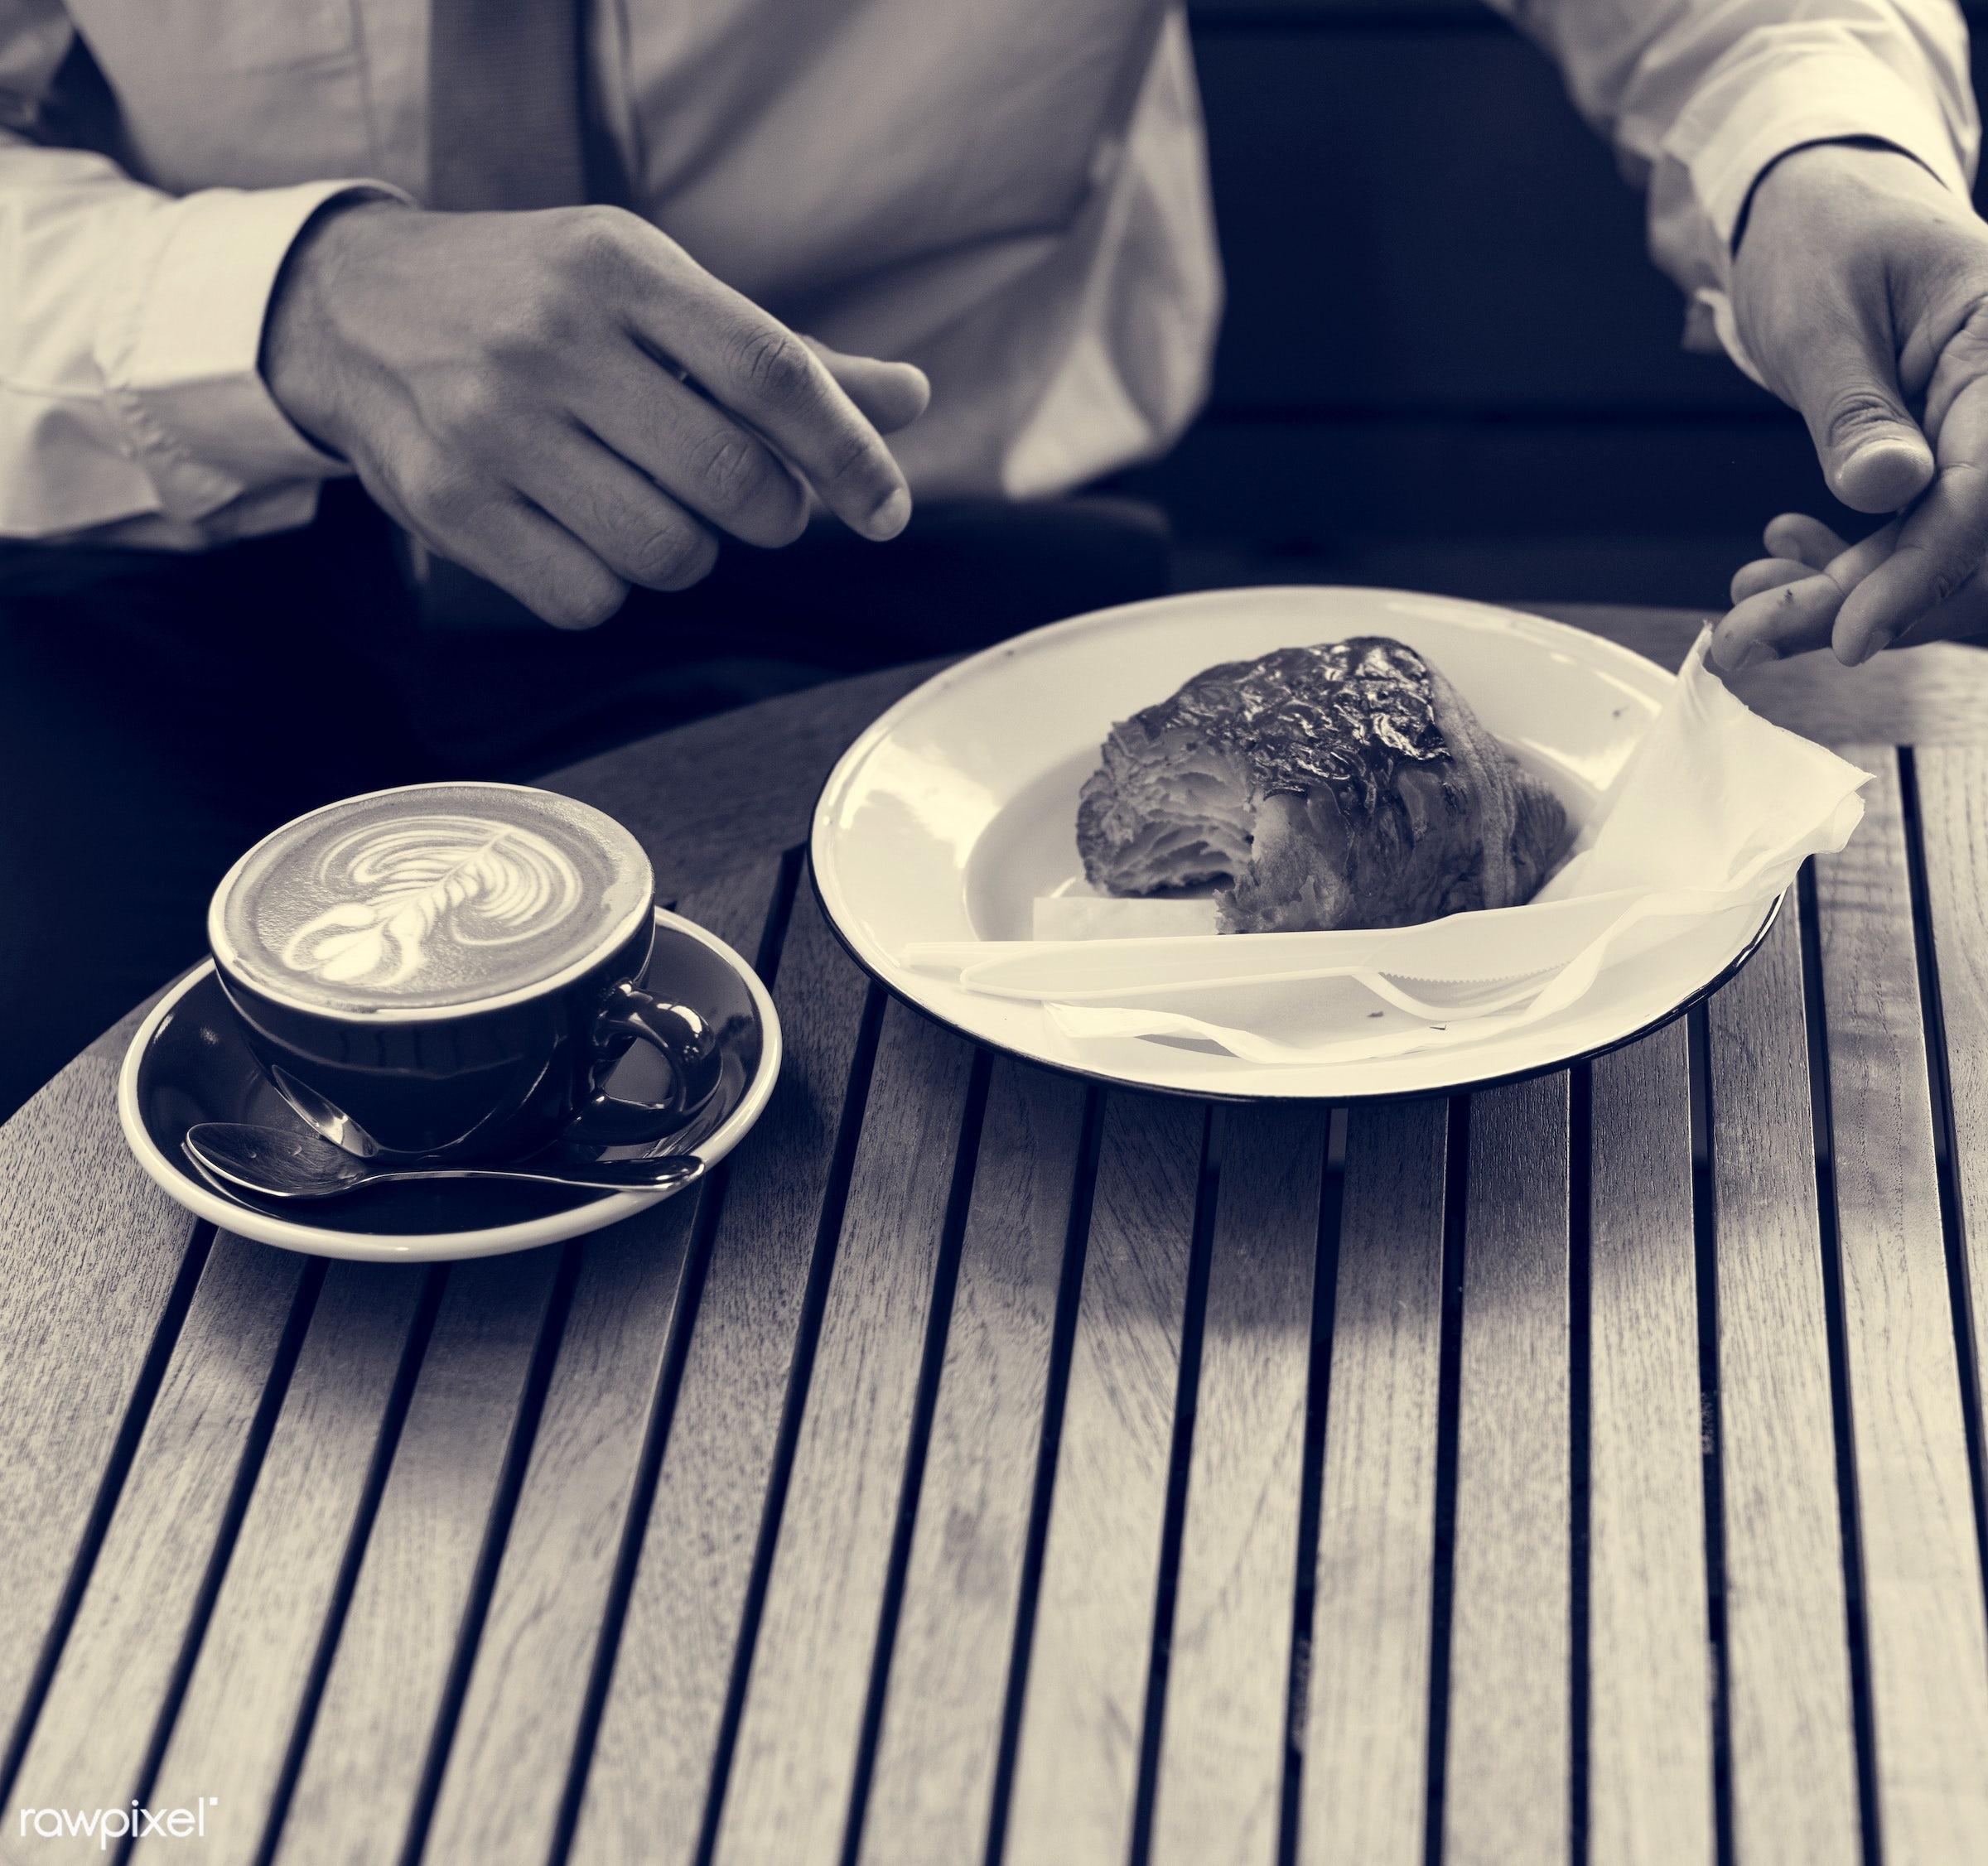 cup, person, late art, tie, breakfast, spoon, appetizer, people, break, bakery, hands, cappuccino, bread, coffee cafe, drink...